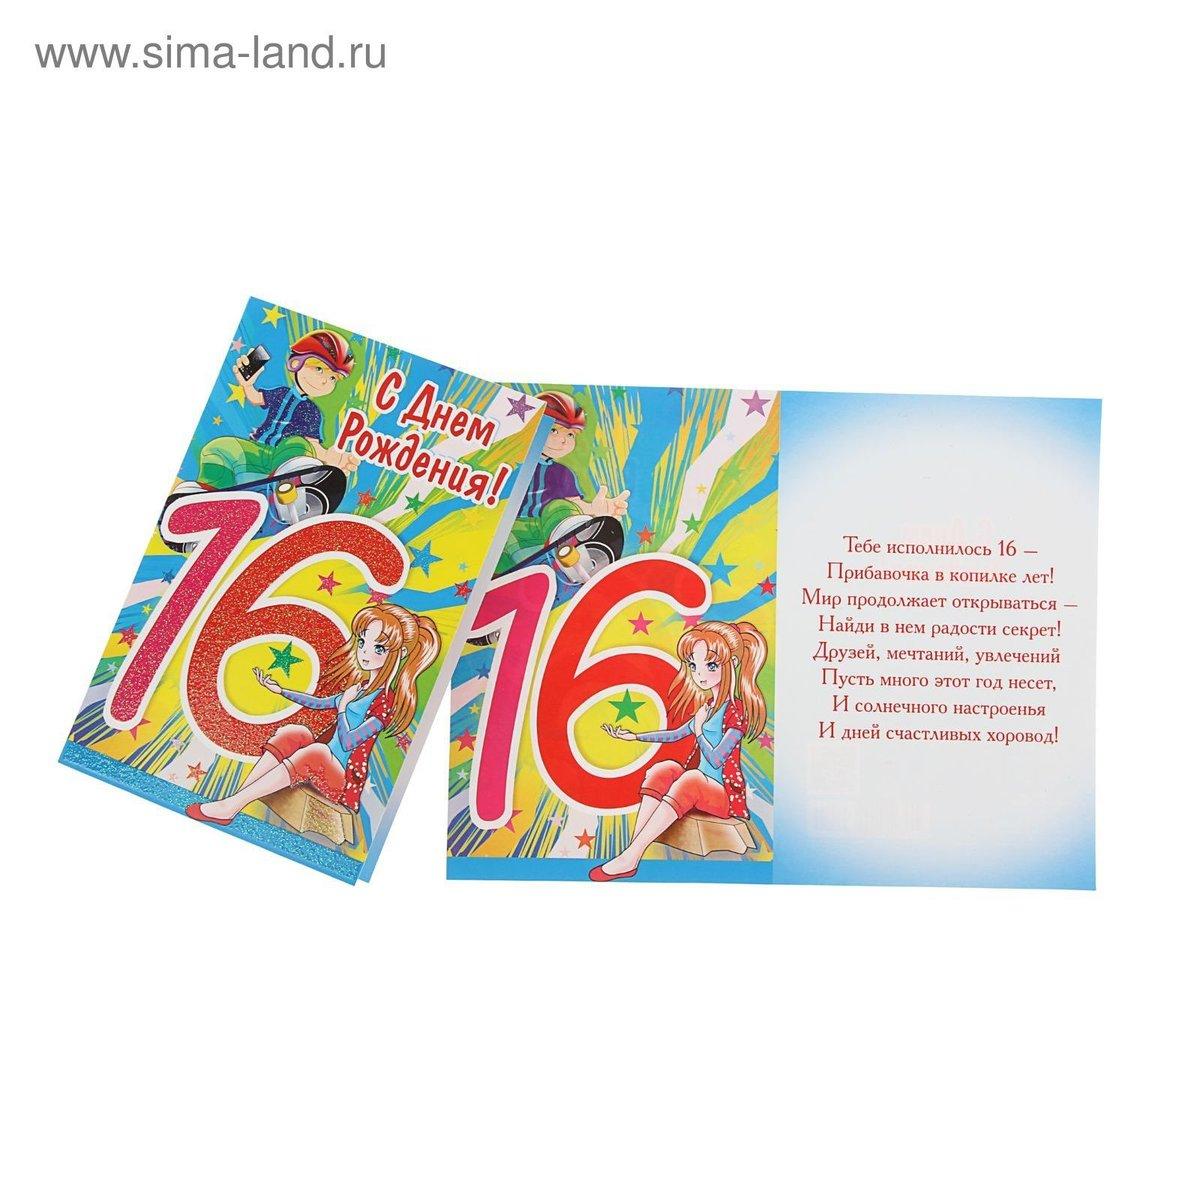 Поздравления с днем рождения 16 лет мальчику открытка